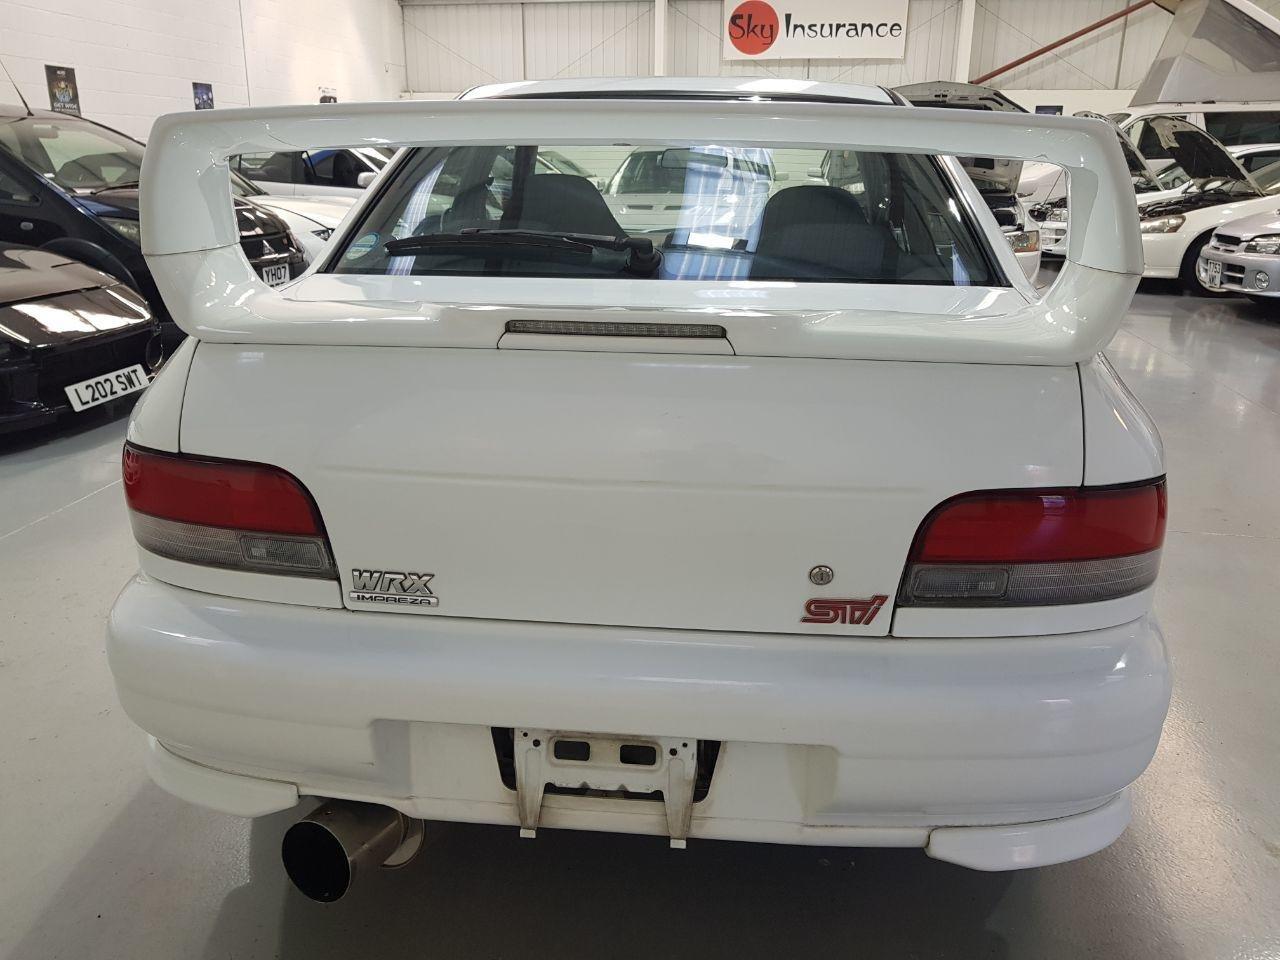 1998 Subaru Impreza 2.0 WRX STI Version 5 - GC8 For Sale (picture 3 of 6)